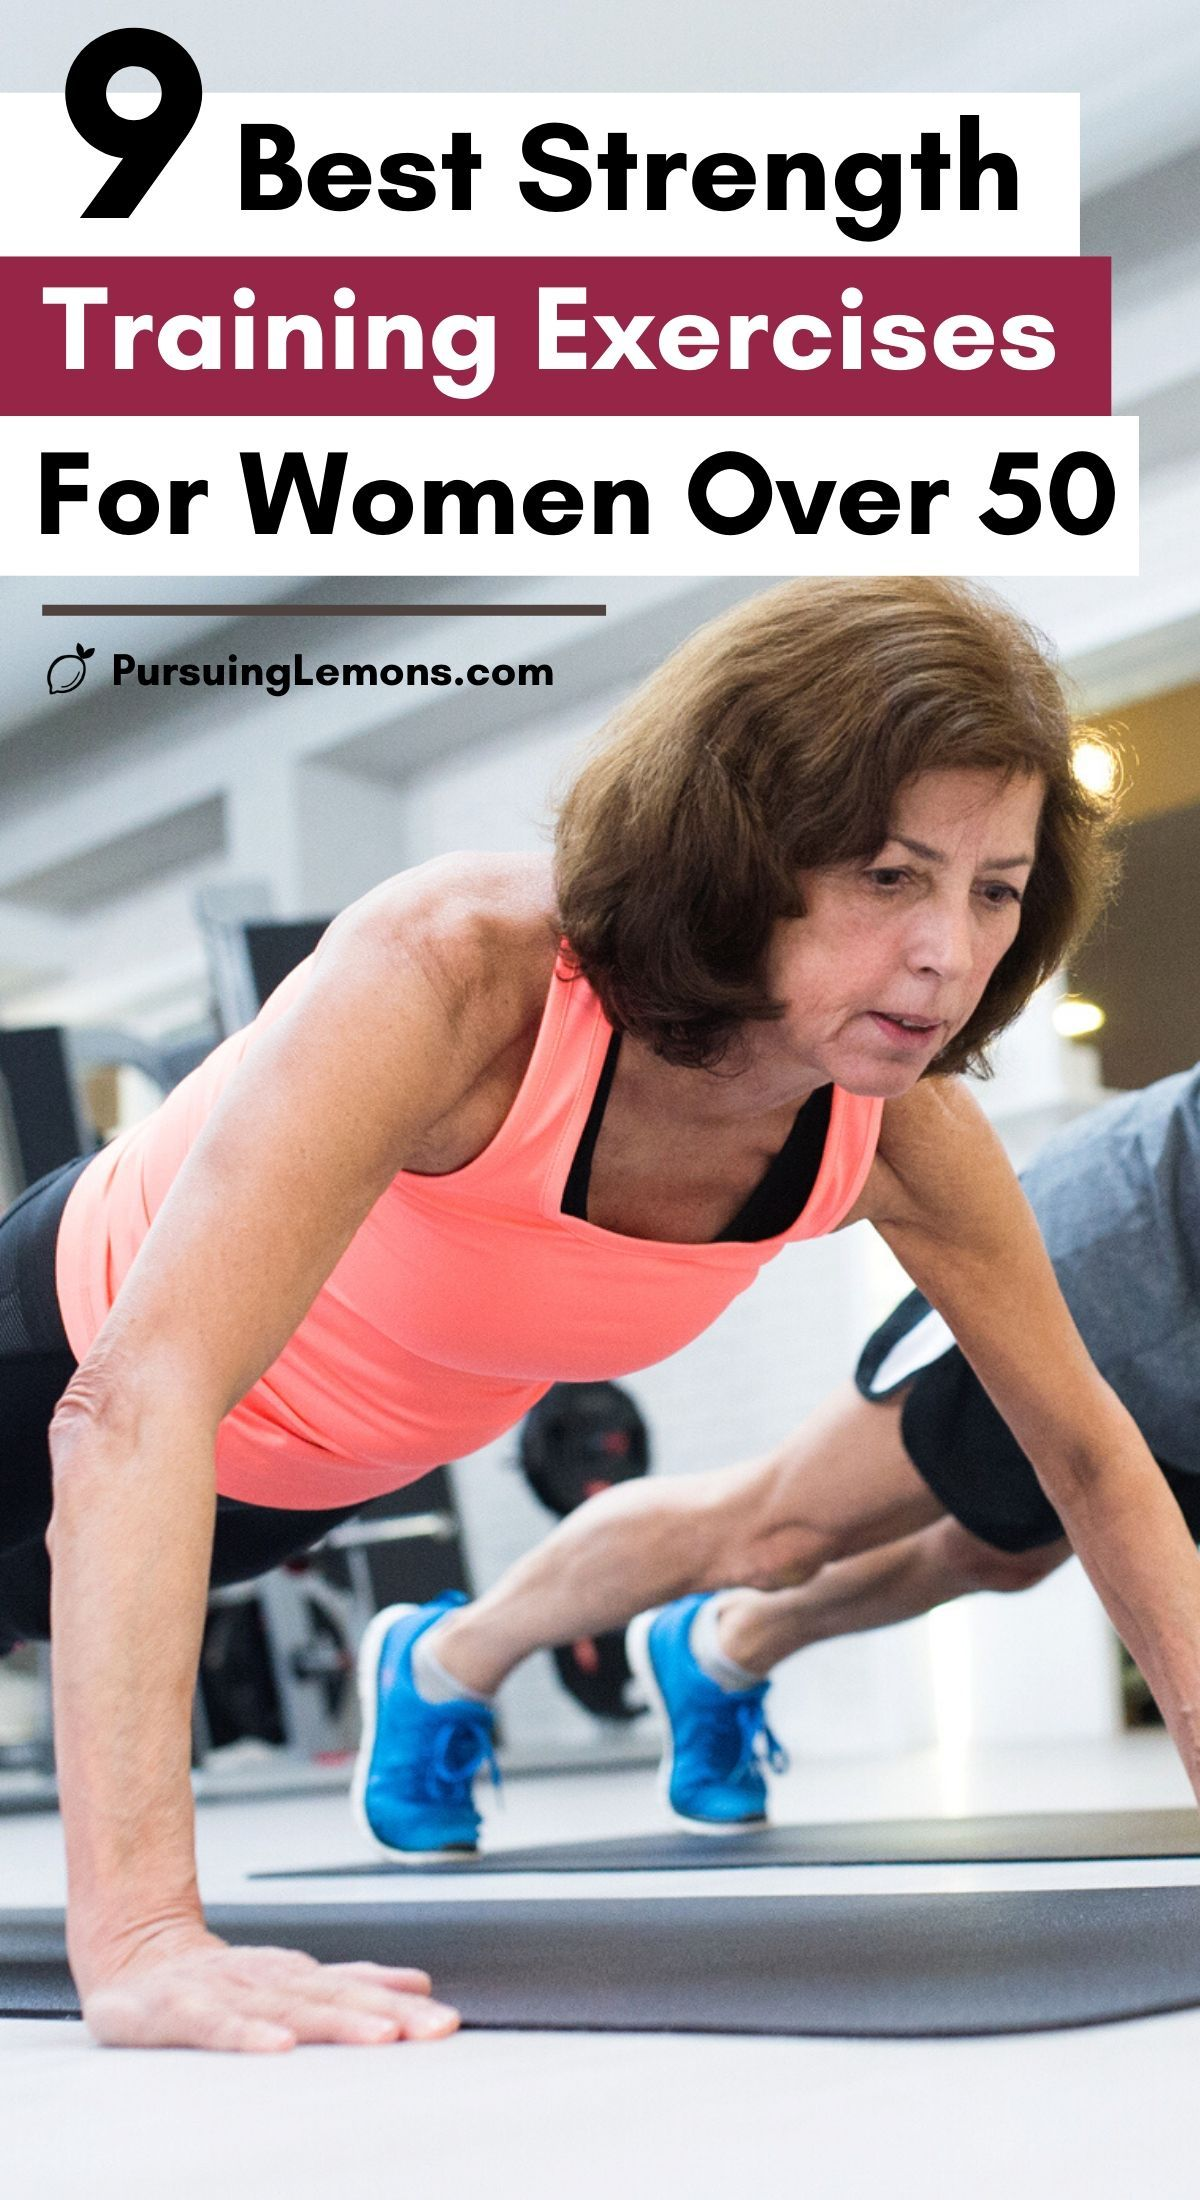 9 Best Strength Training Exercises for Women Over 50